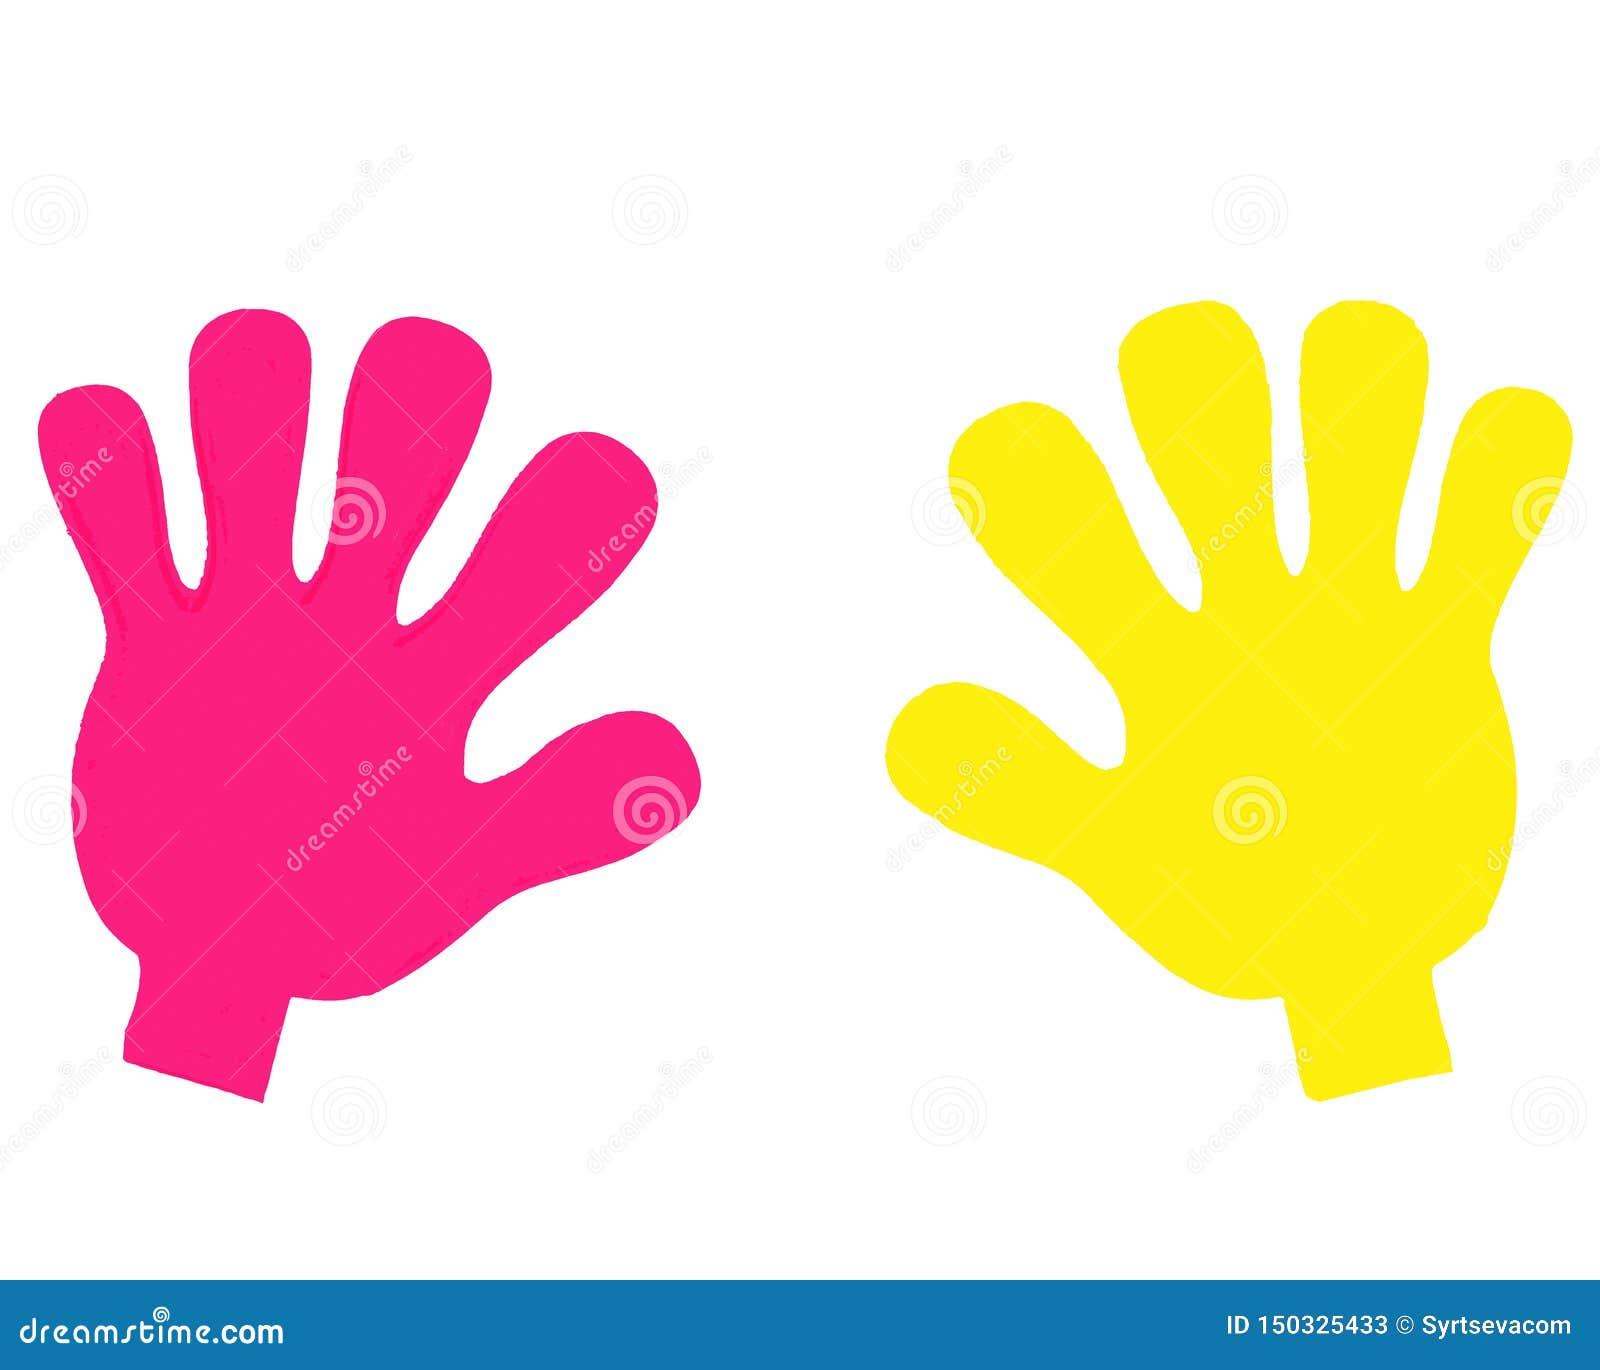 Konturer av mänskliga händer multinationality illustration med ljusa mänskliga händer